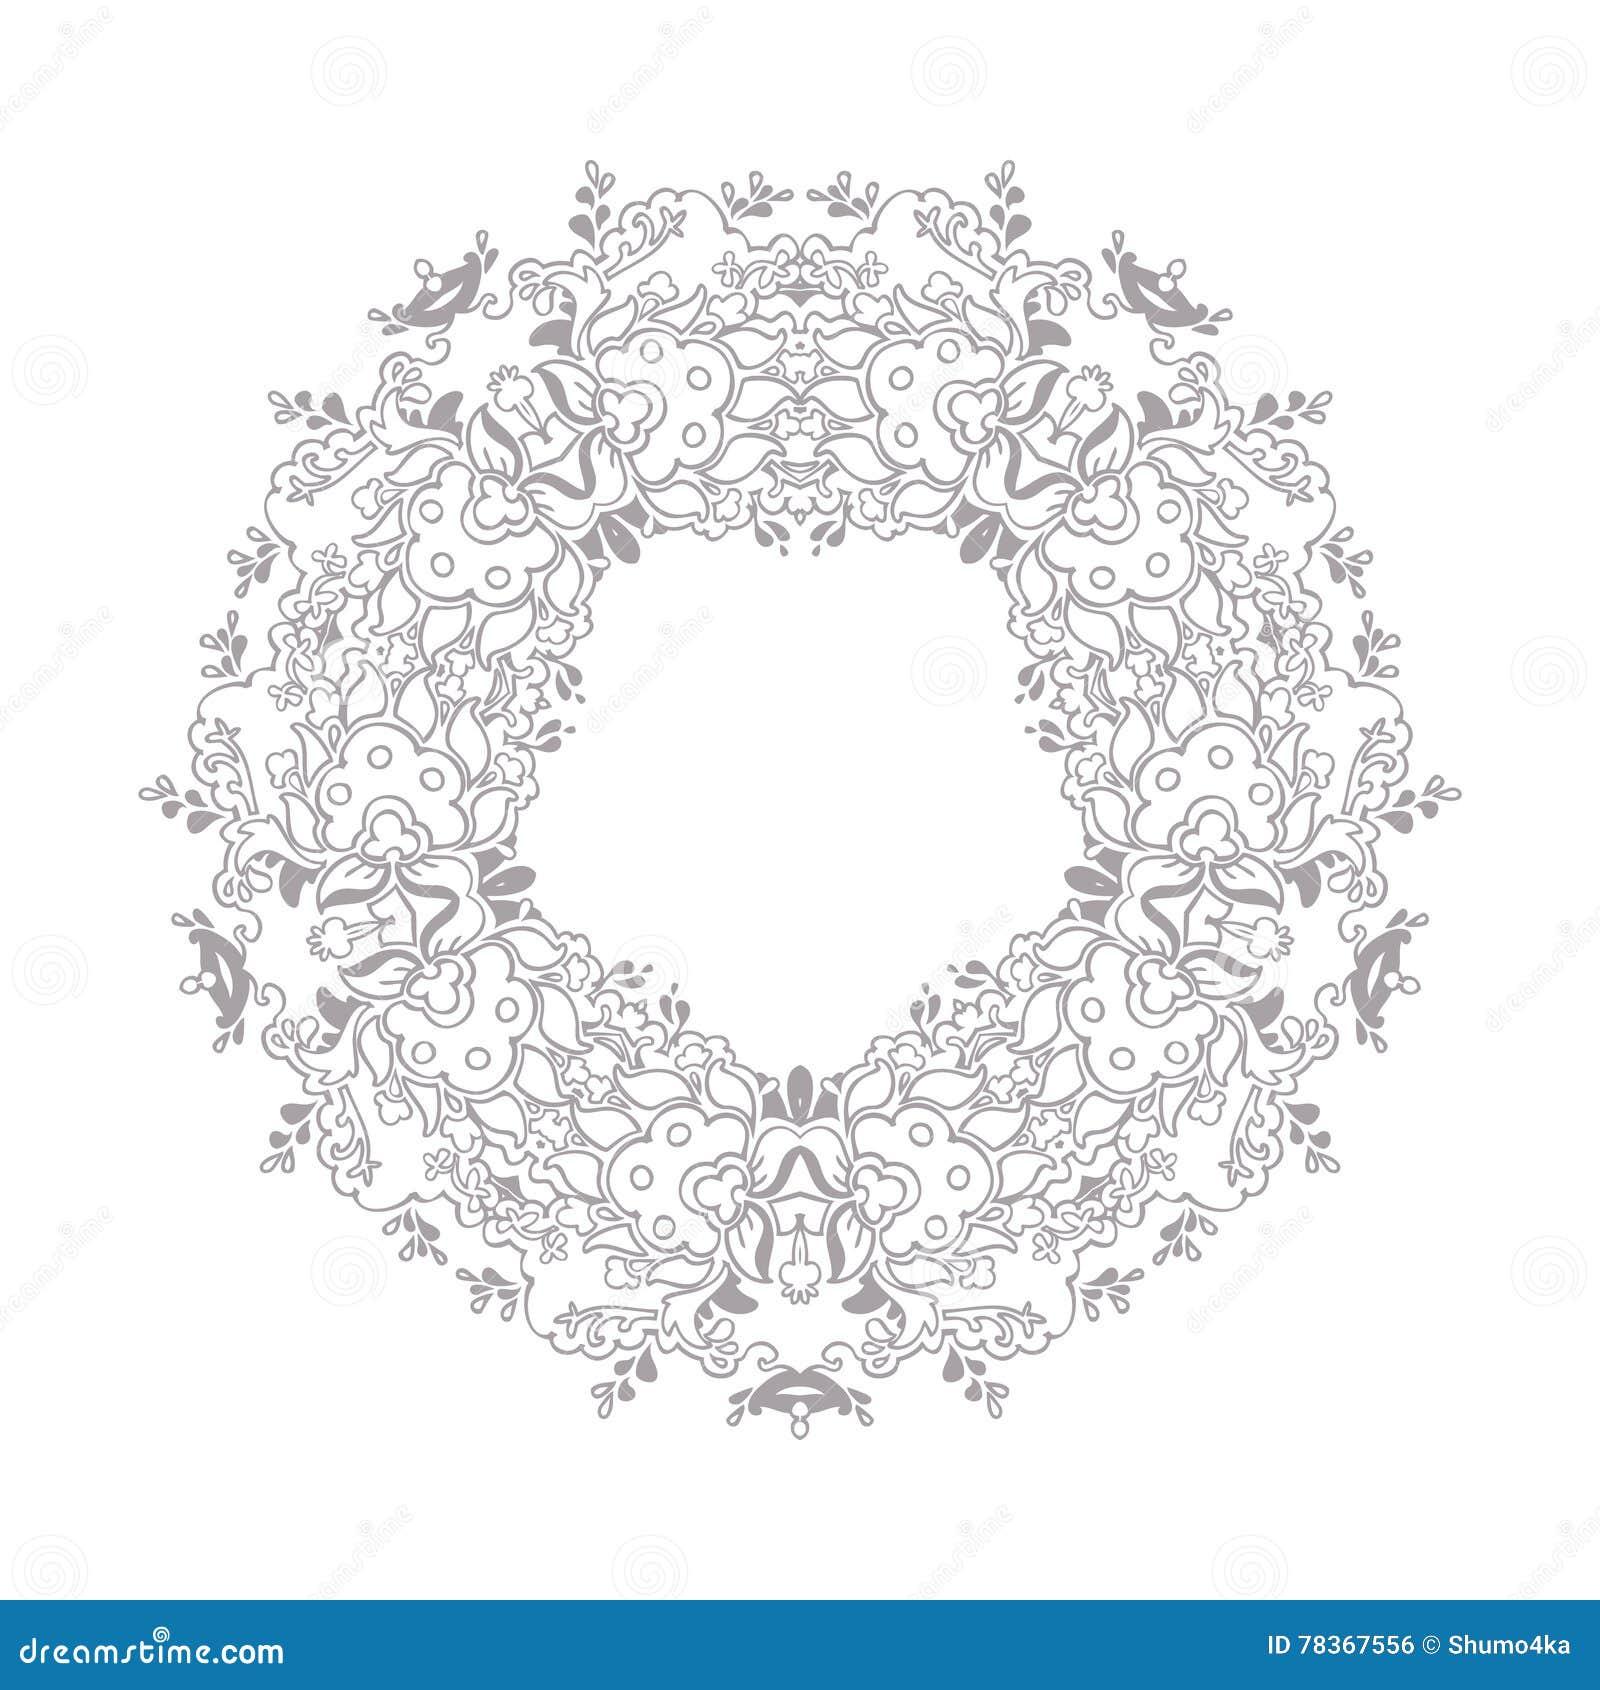 Frame Design Line Art : Vector decorative line art frame for design template